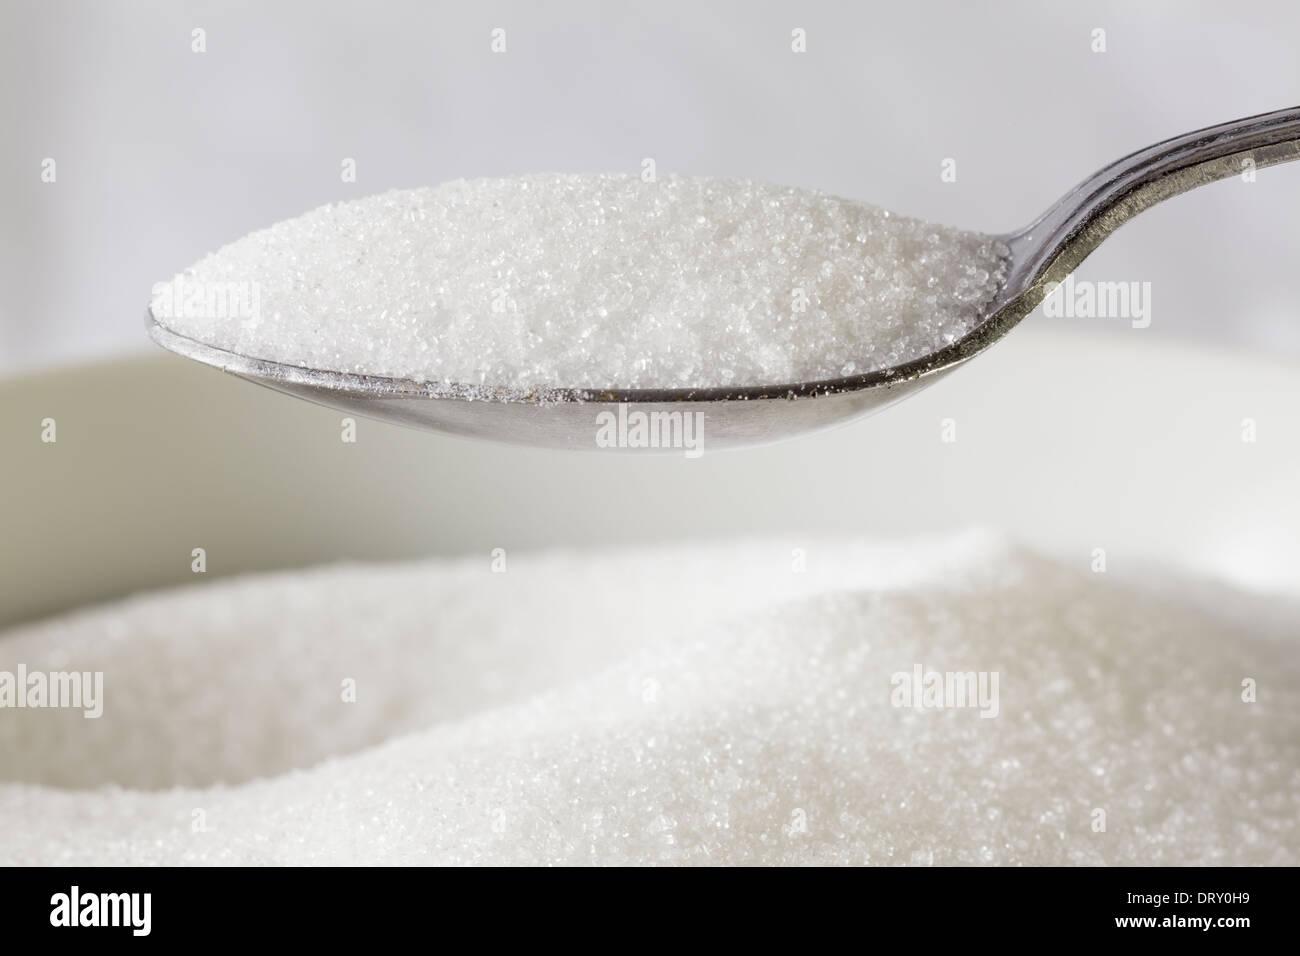 Cuillère de sucre complet Photo Stock